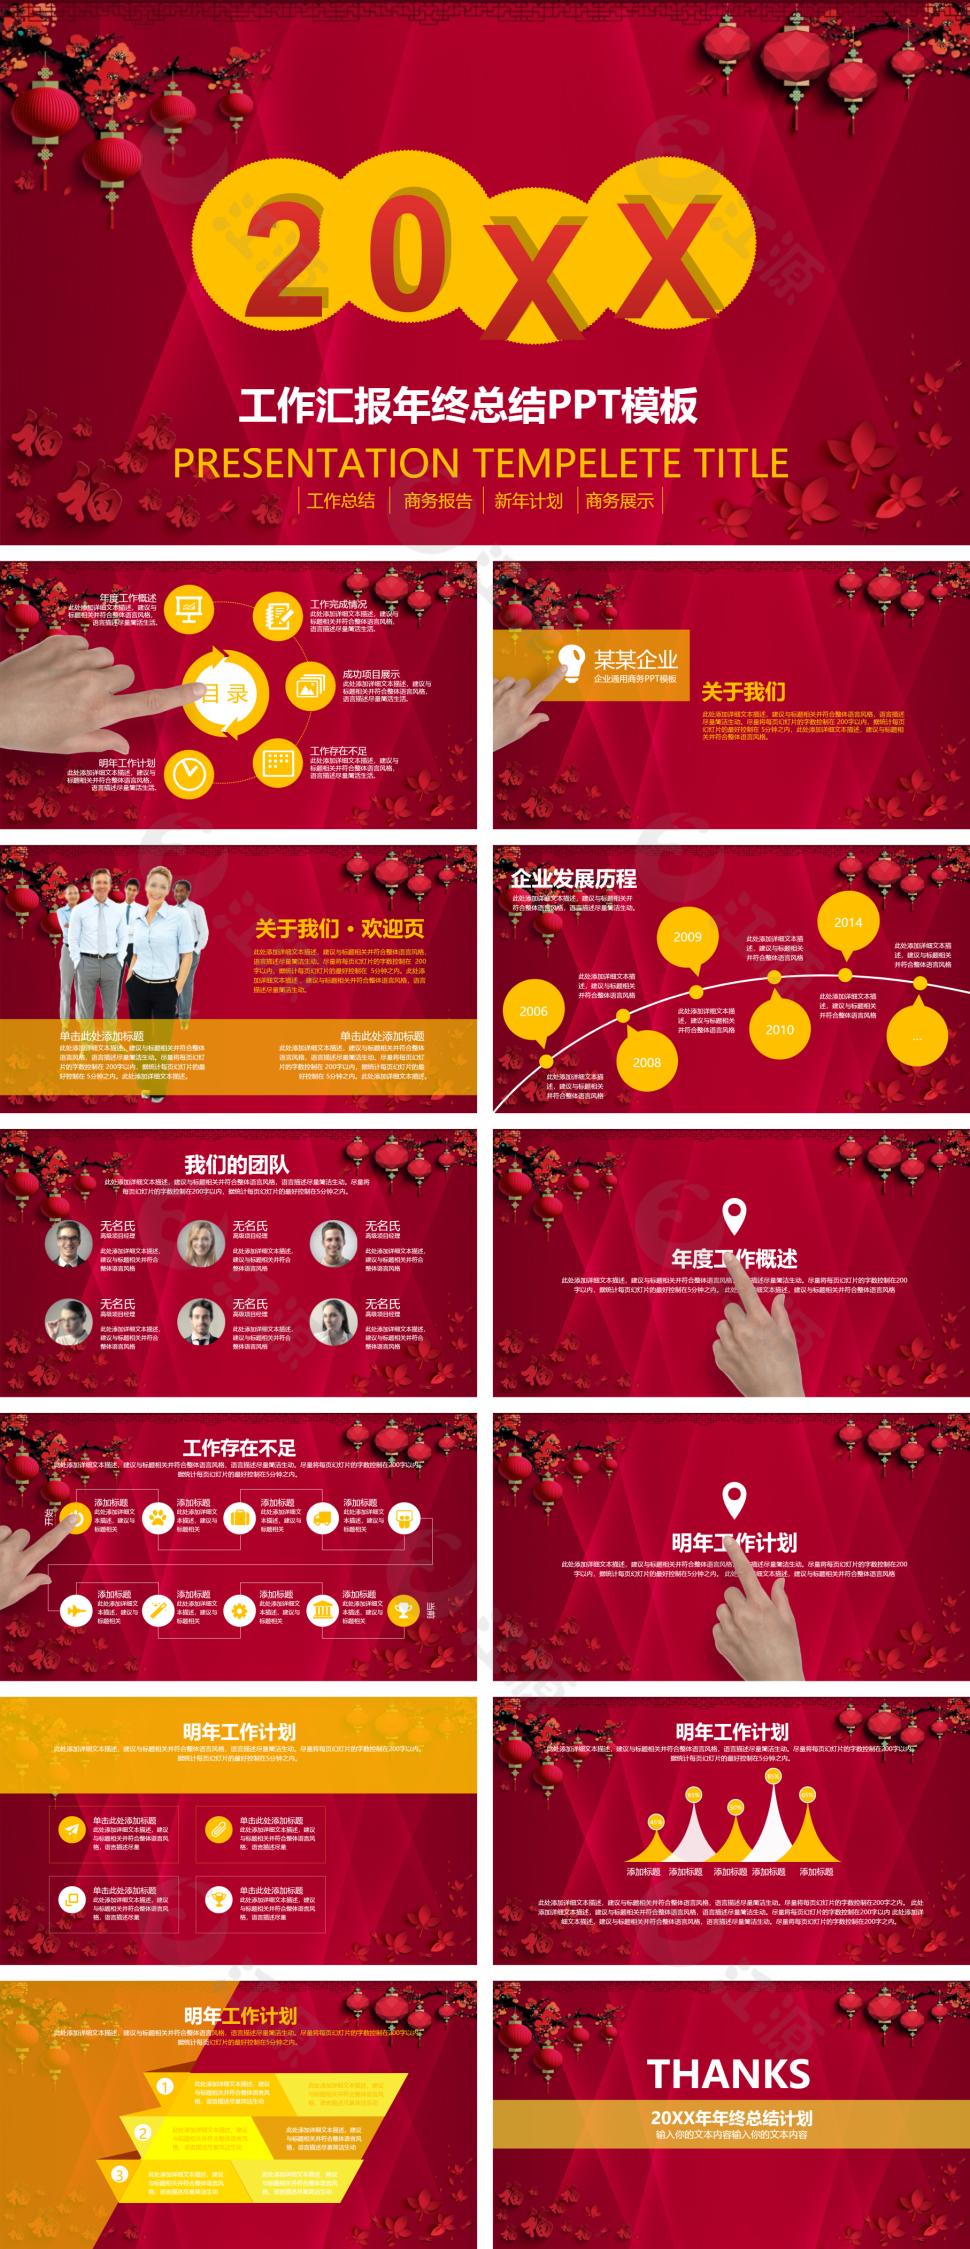 红色中国风金融投资年终总结计划ppt模板